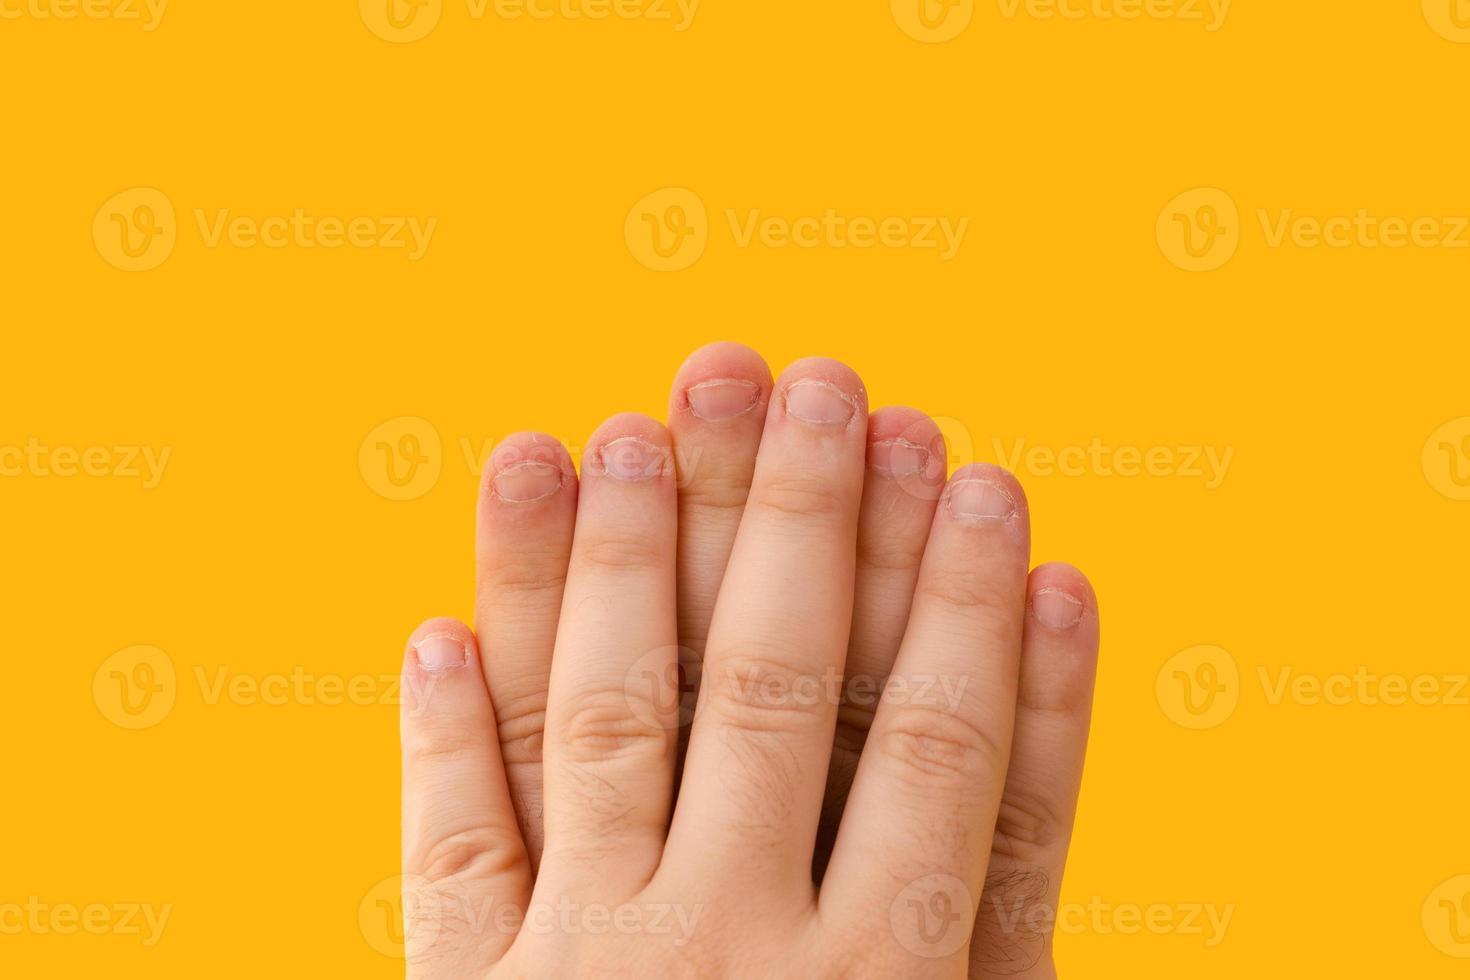 doigts avec des ongles mordus isolés sur fond jaune photo